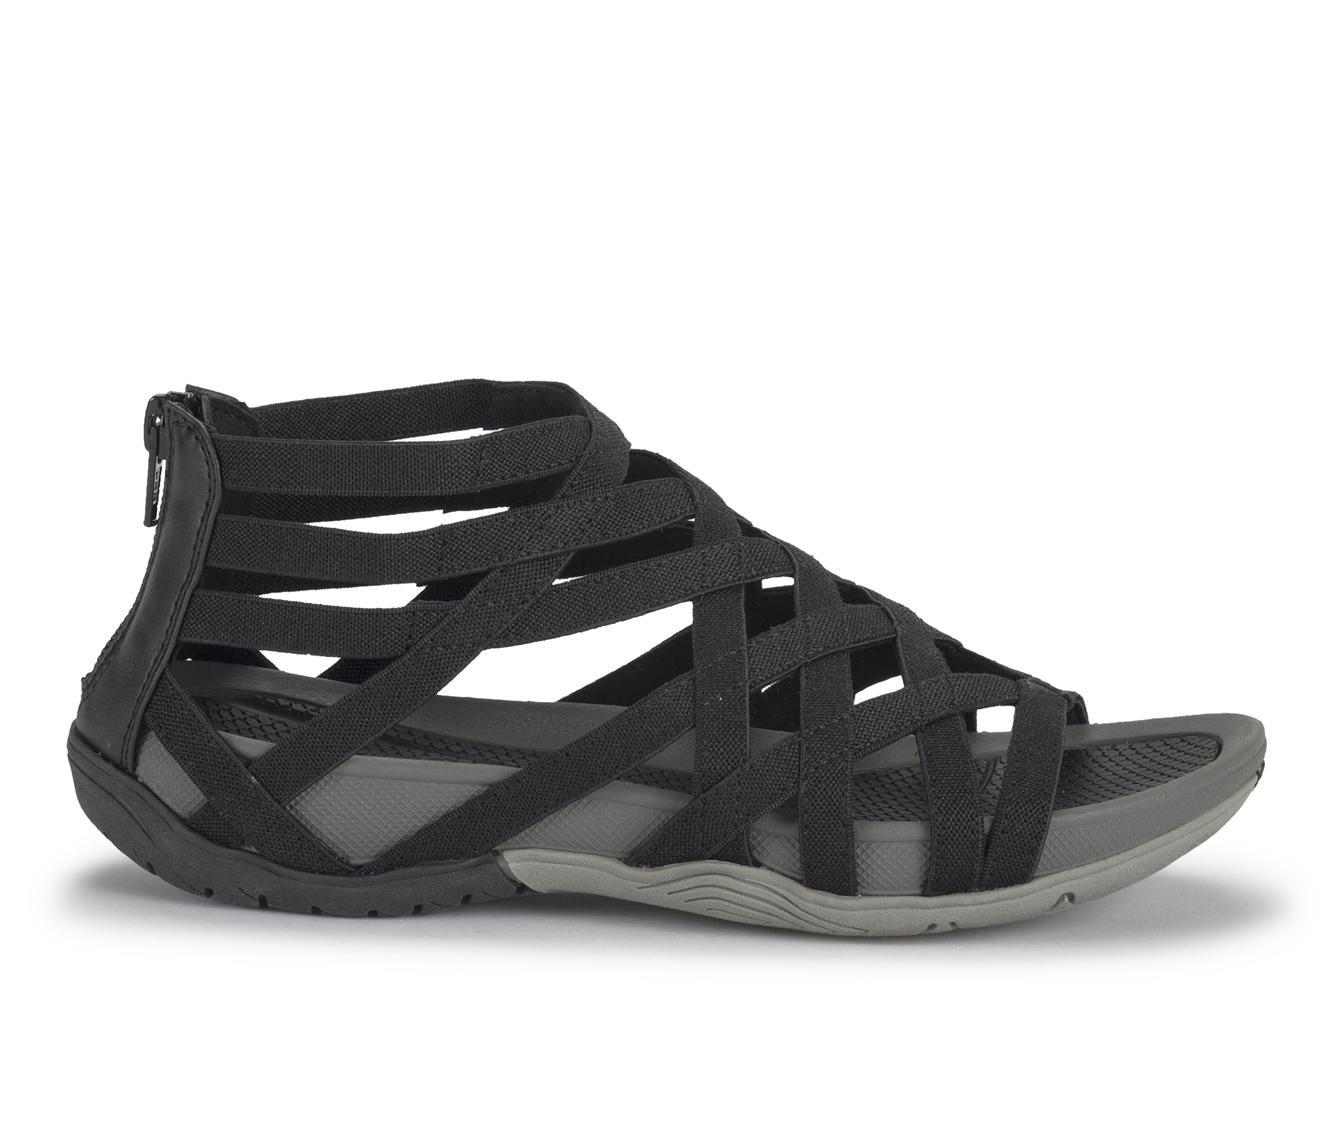 Women's BareTraps Samina Sandals (Black)